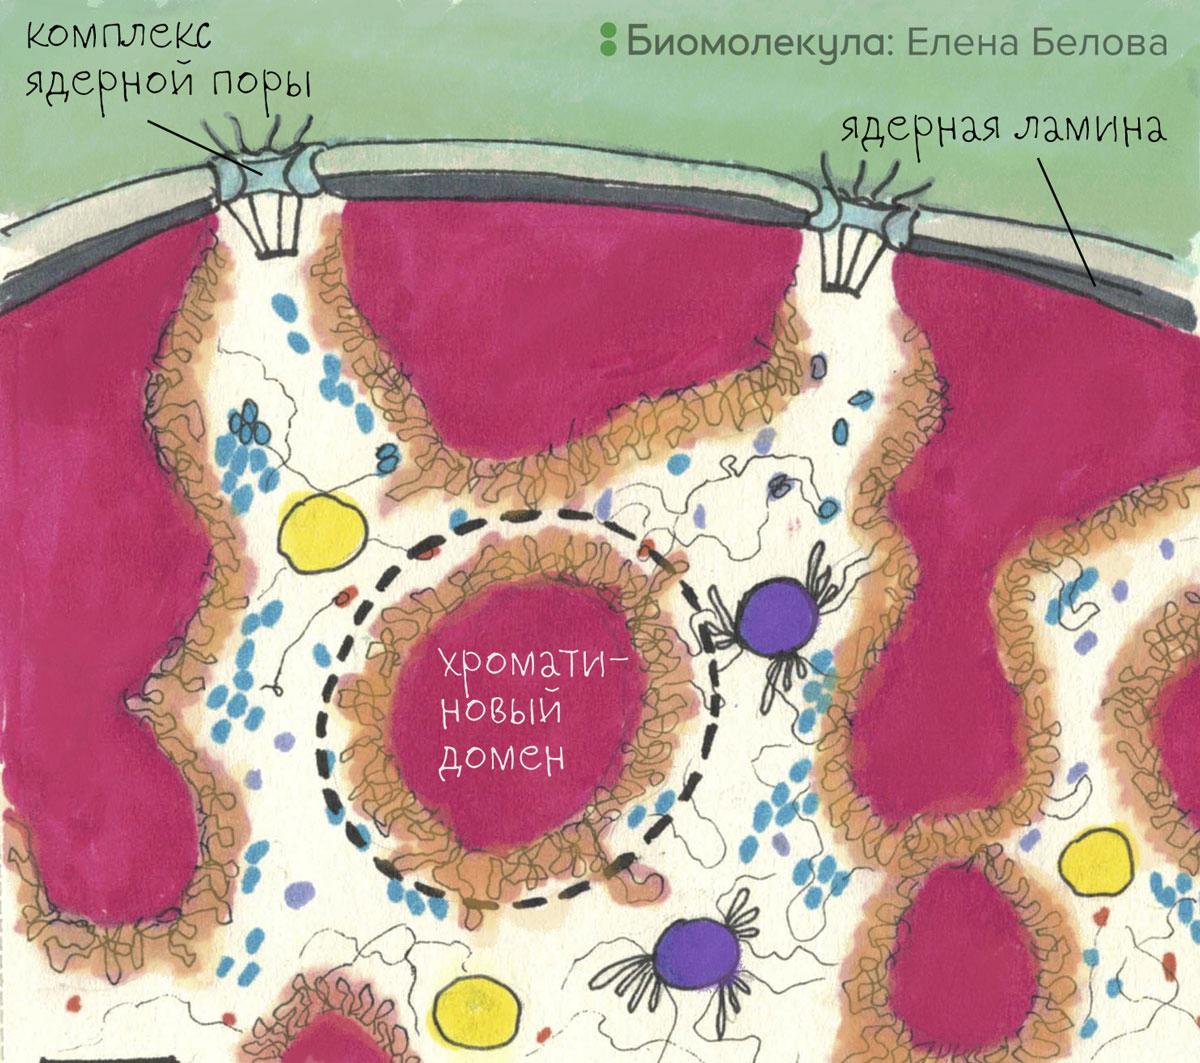 Модель организации хроматинового домена